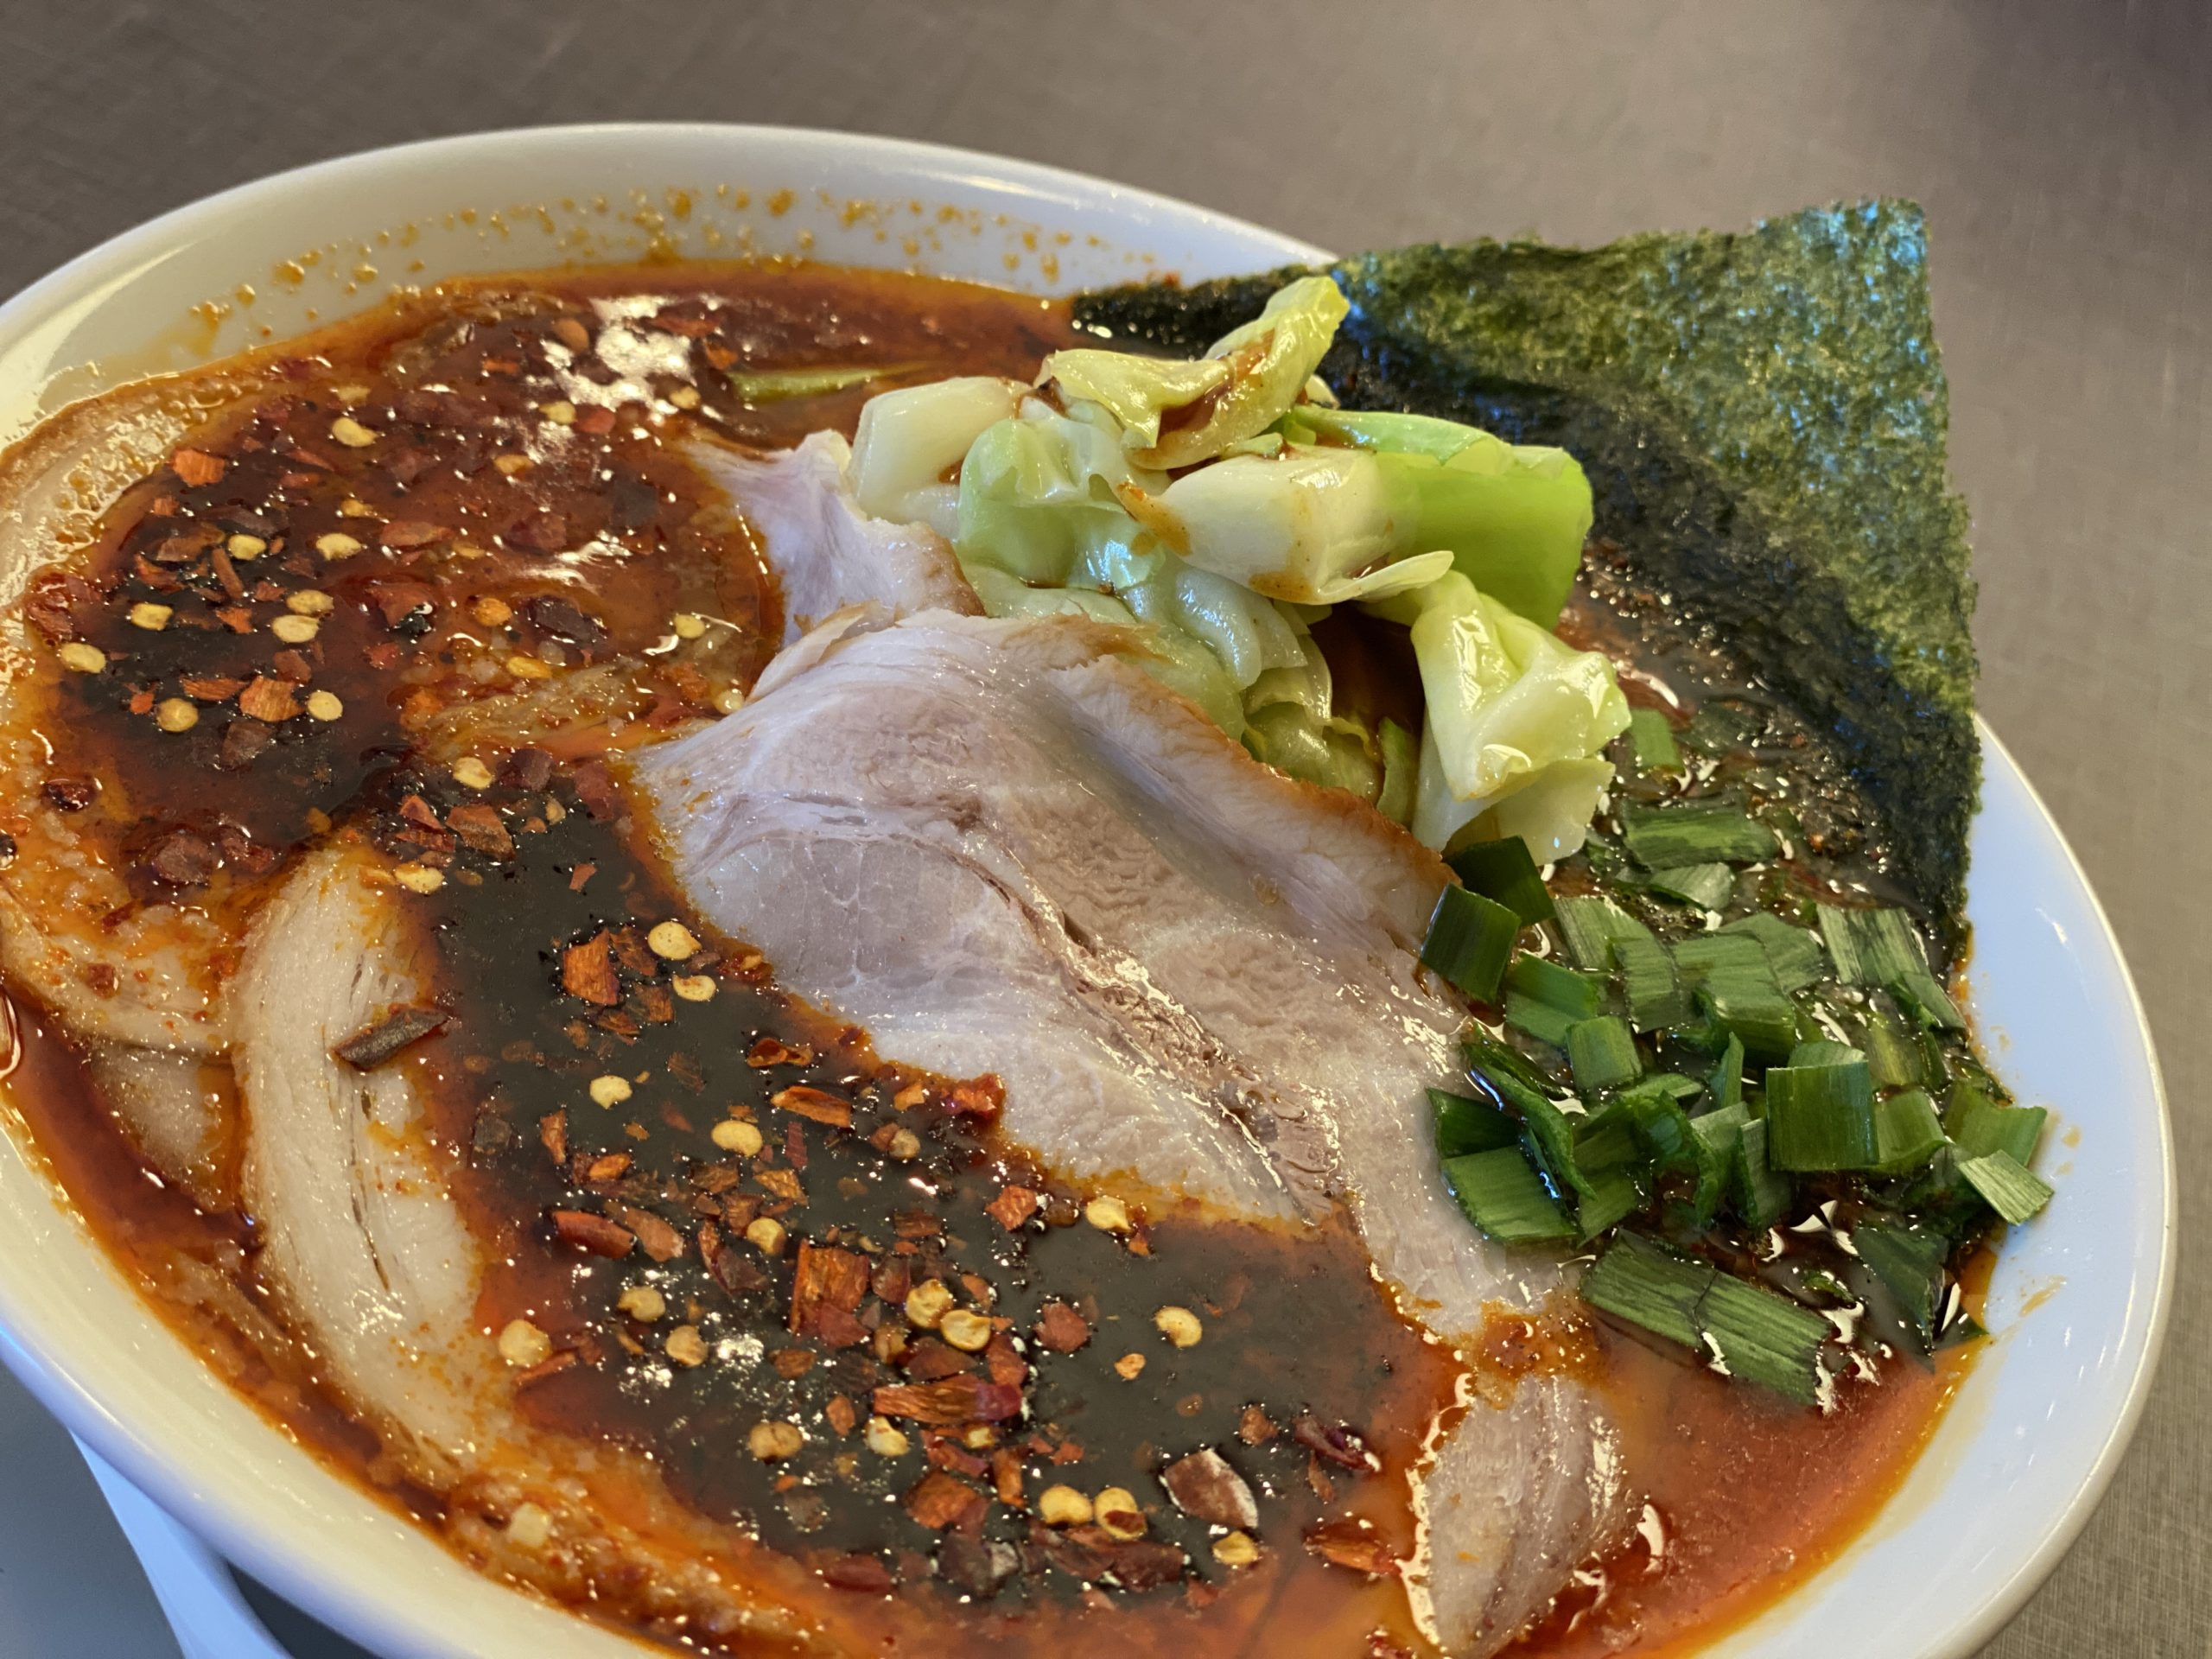 熱々パリパリキャベツ『辛きゃべとん 激辛』にチャレンジしてみた。【Spicy Ramen】